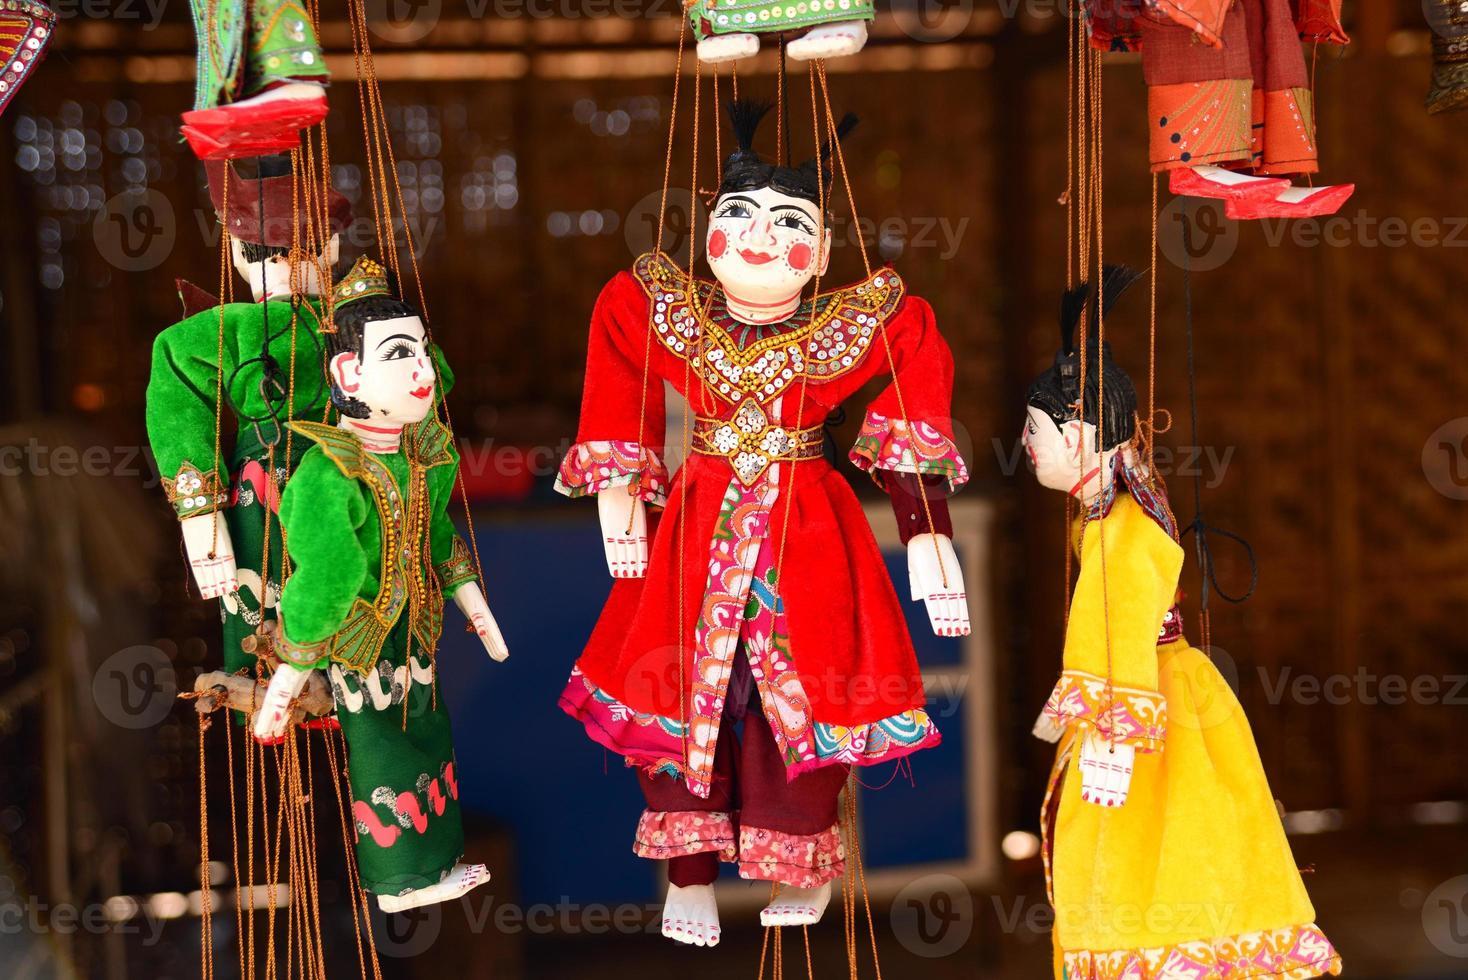 burattini artigianali tradizionali sono venduti in un negozio in myanmar foto